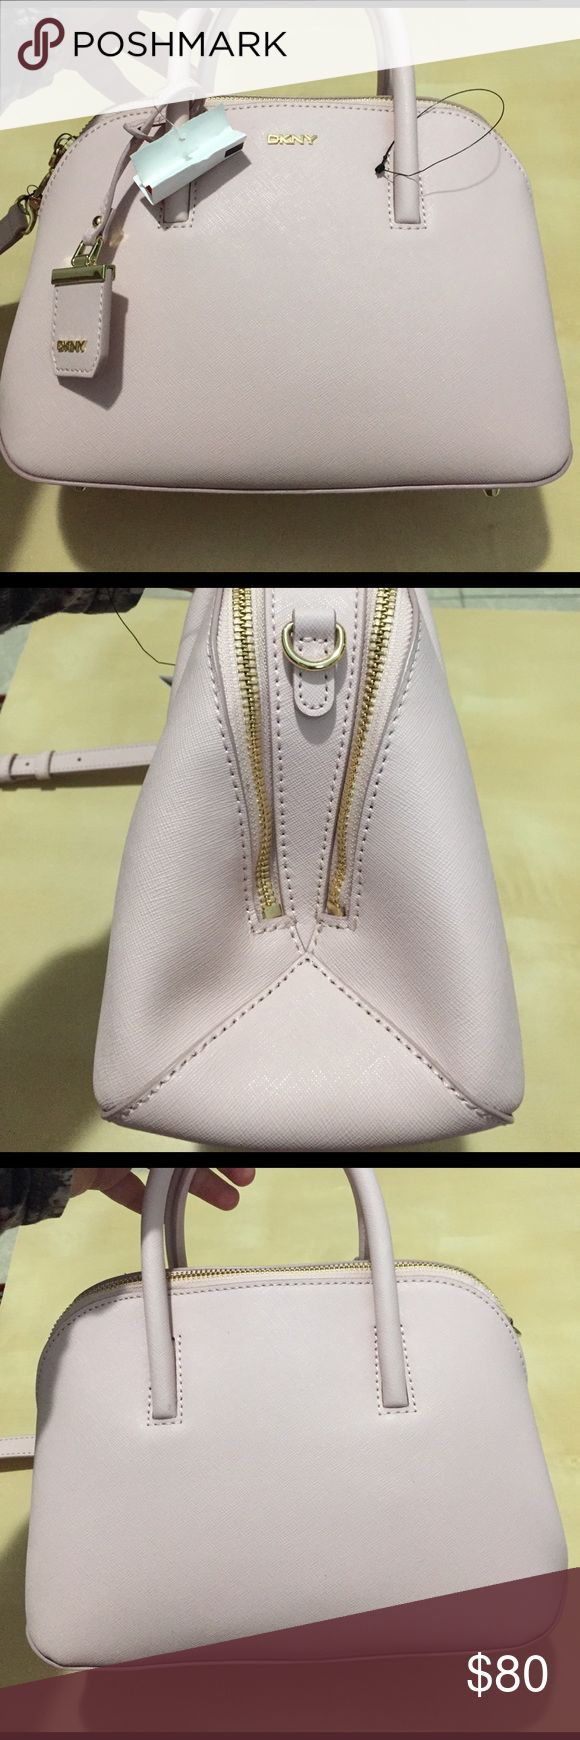 👜DKNY 👜Light pink Handbag 👜 👜DKNY 👜Light pink Handbag 👜 DKNY Bags Satchels